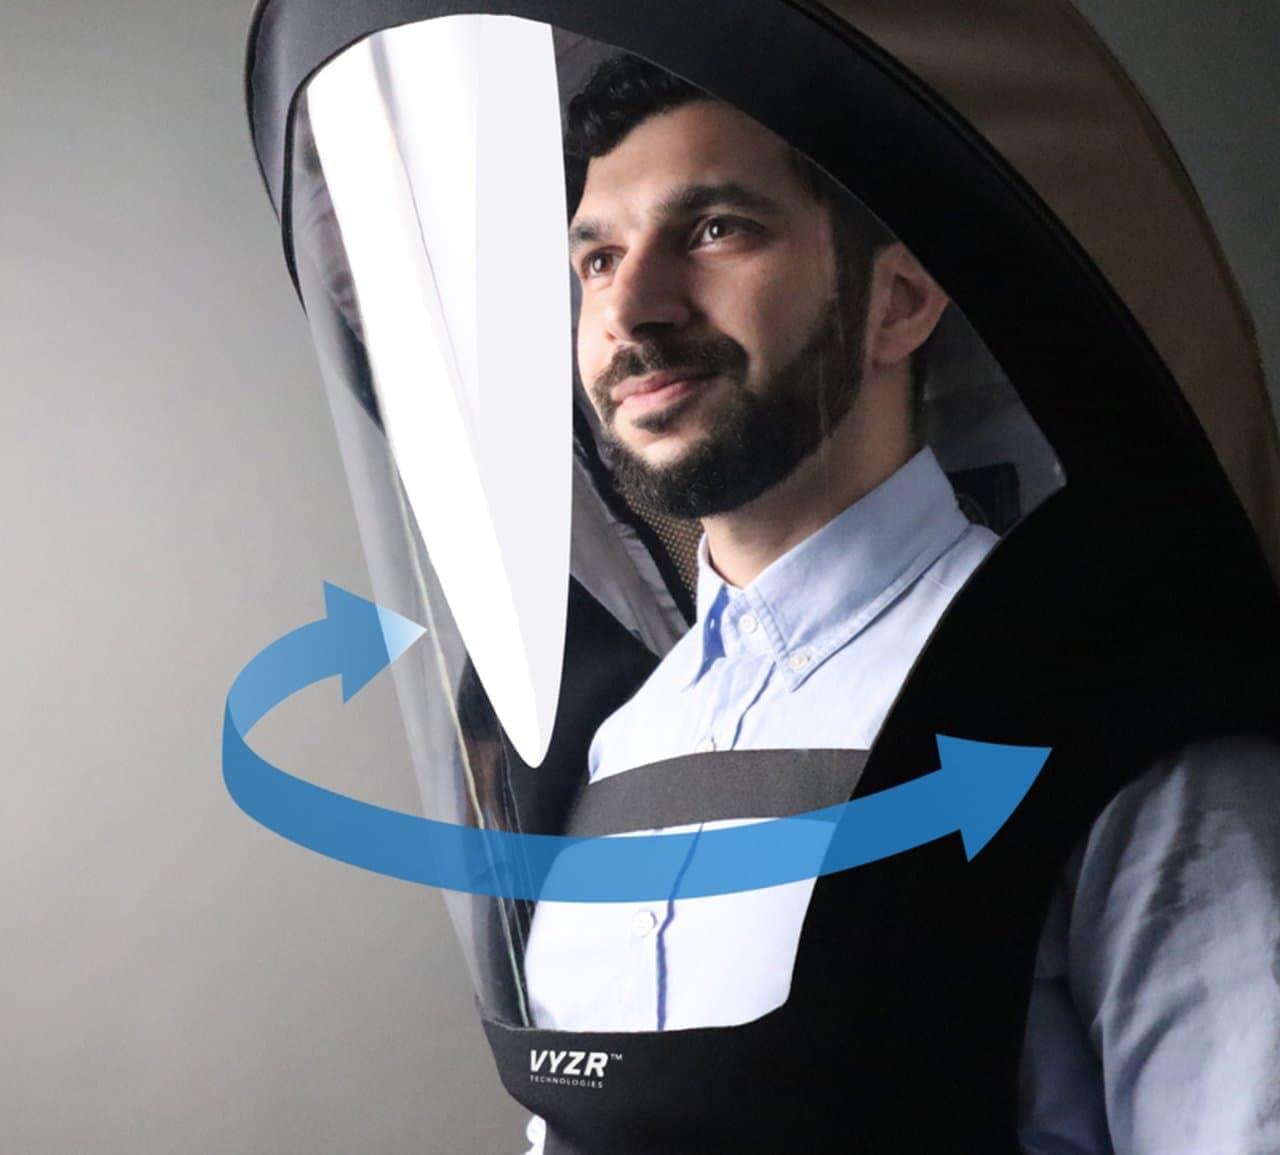 上半身用マスク「BIOVYZR 1.0」 ― コロナ禍でも出社しなければいけない人に